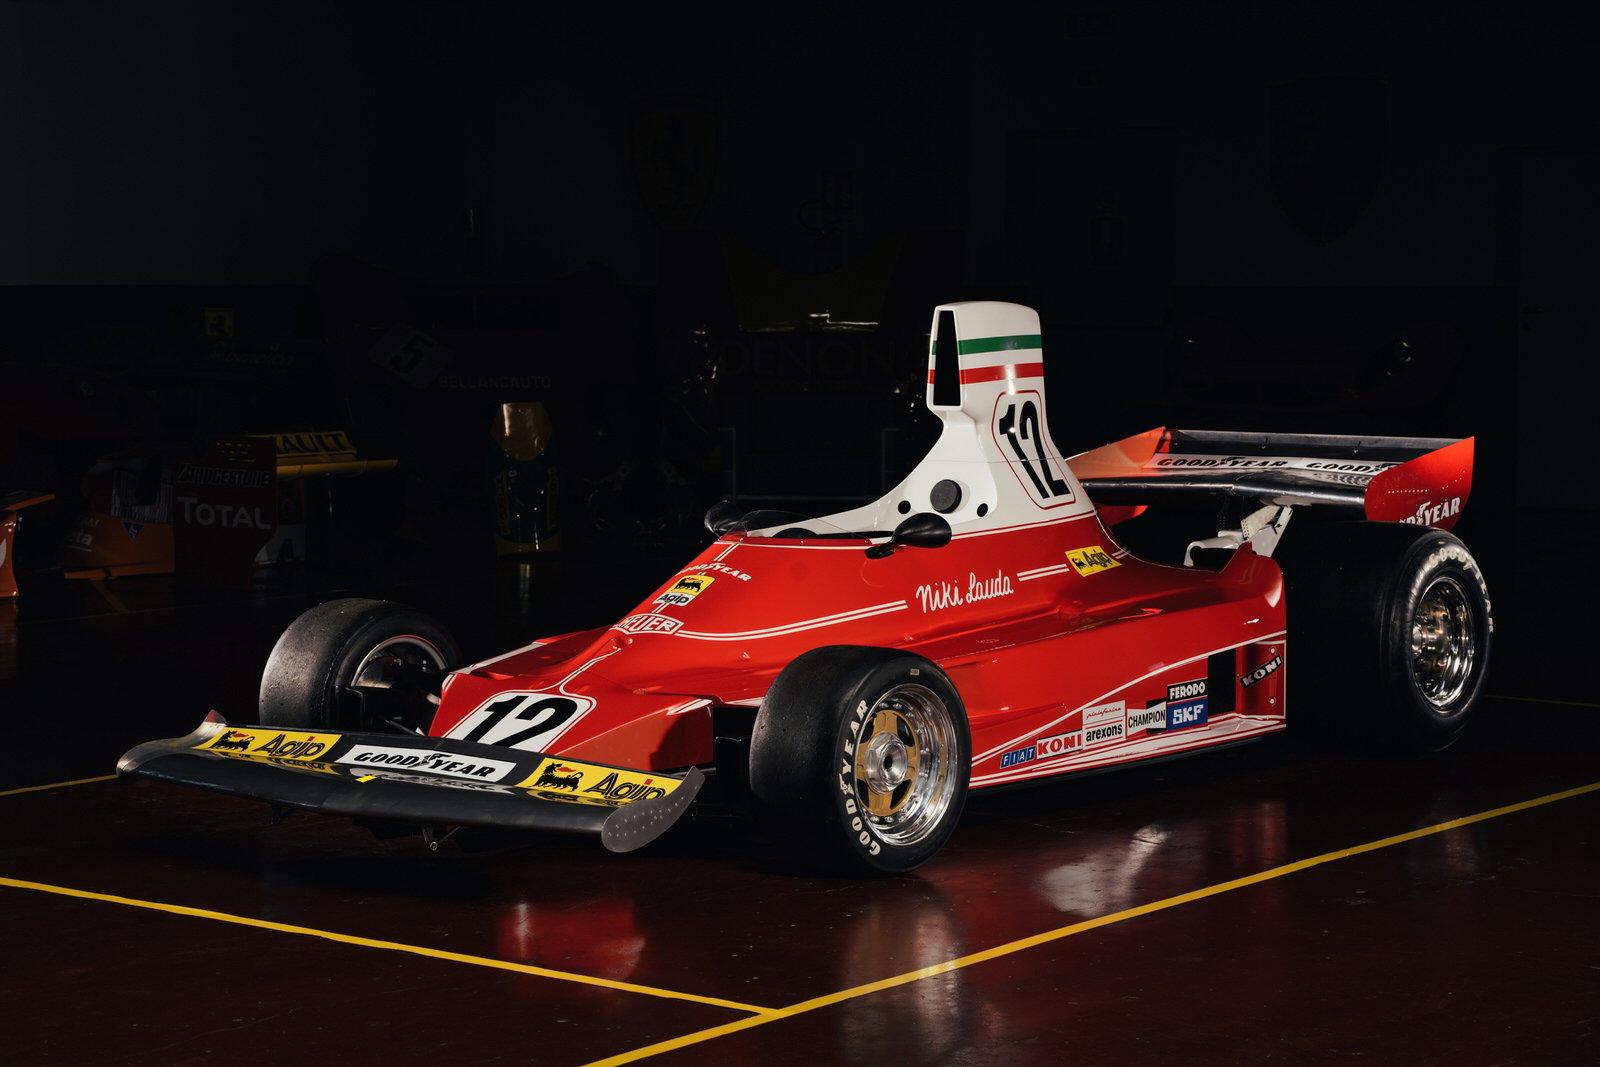 Niki Lauda Ferrari 312T Formula 1 Car 4